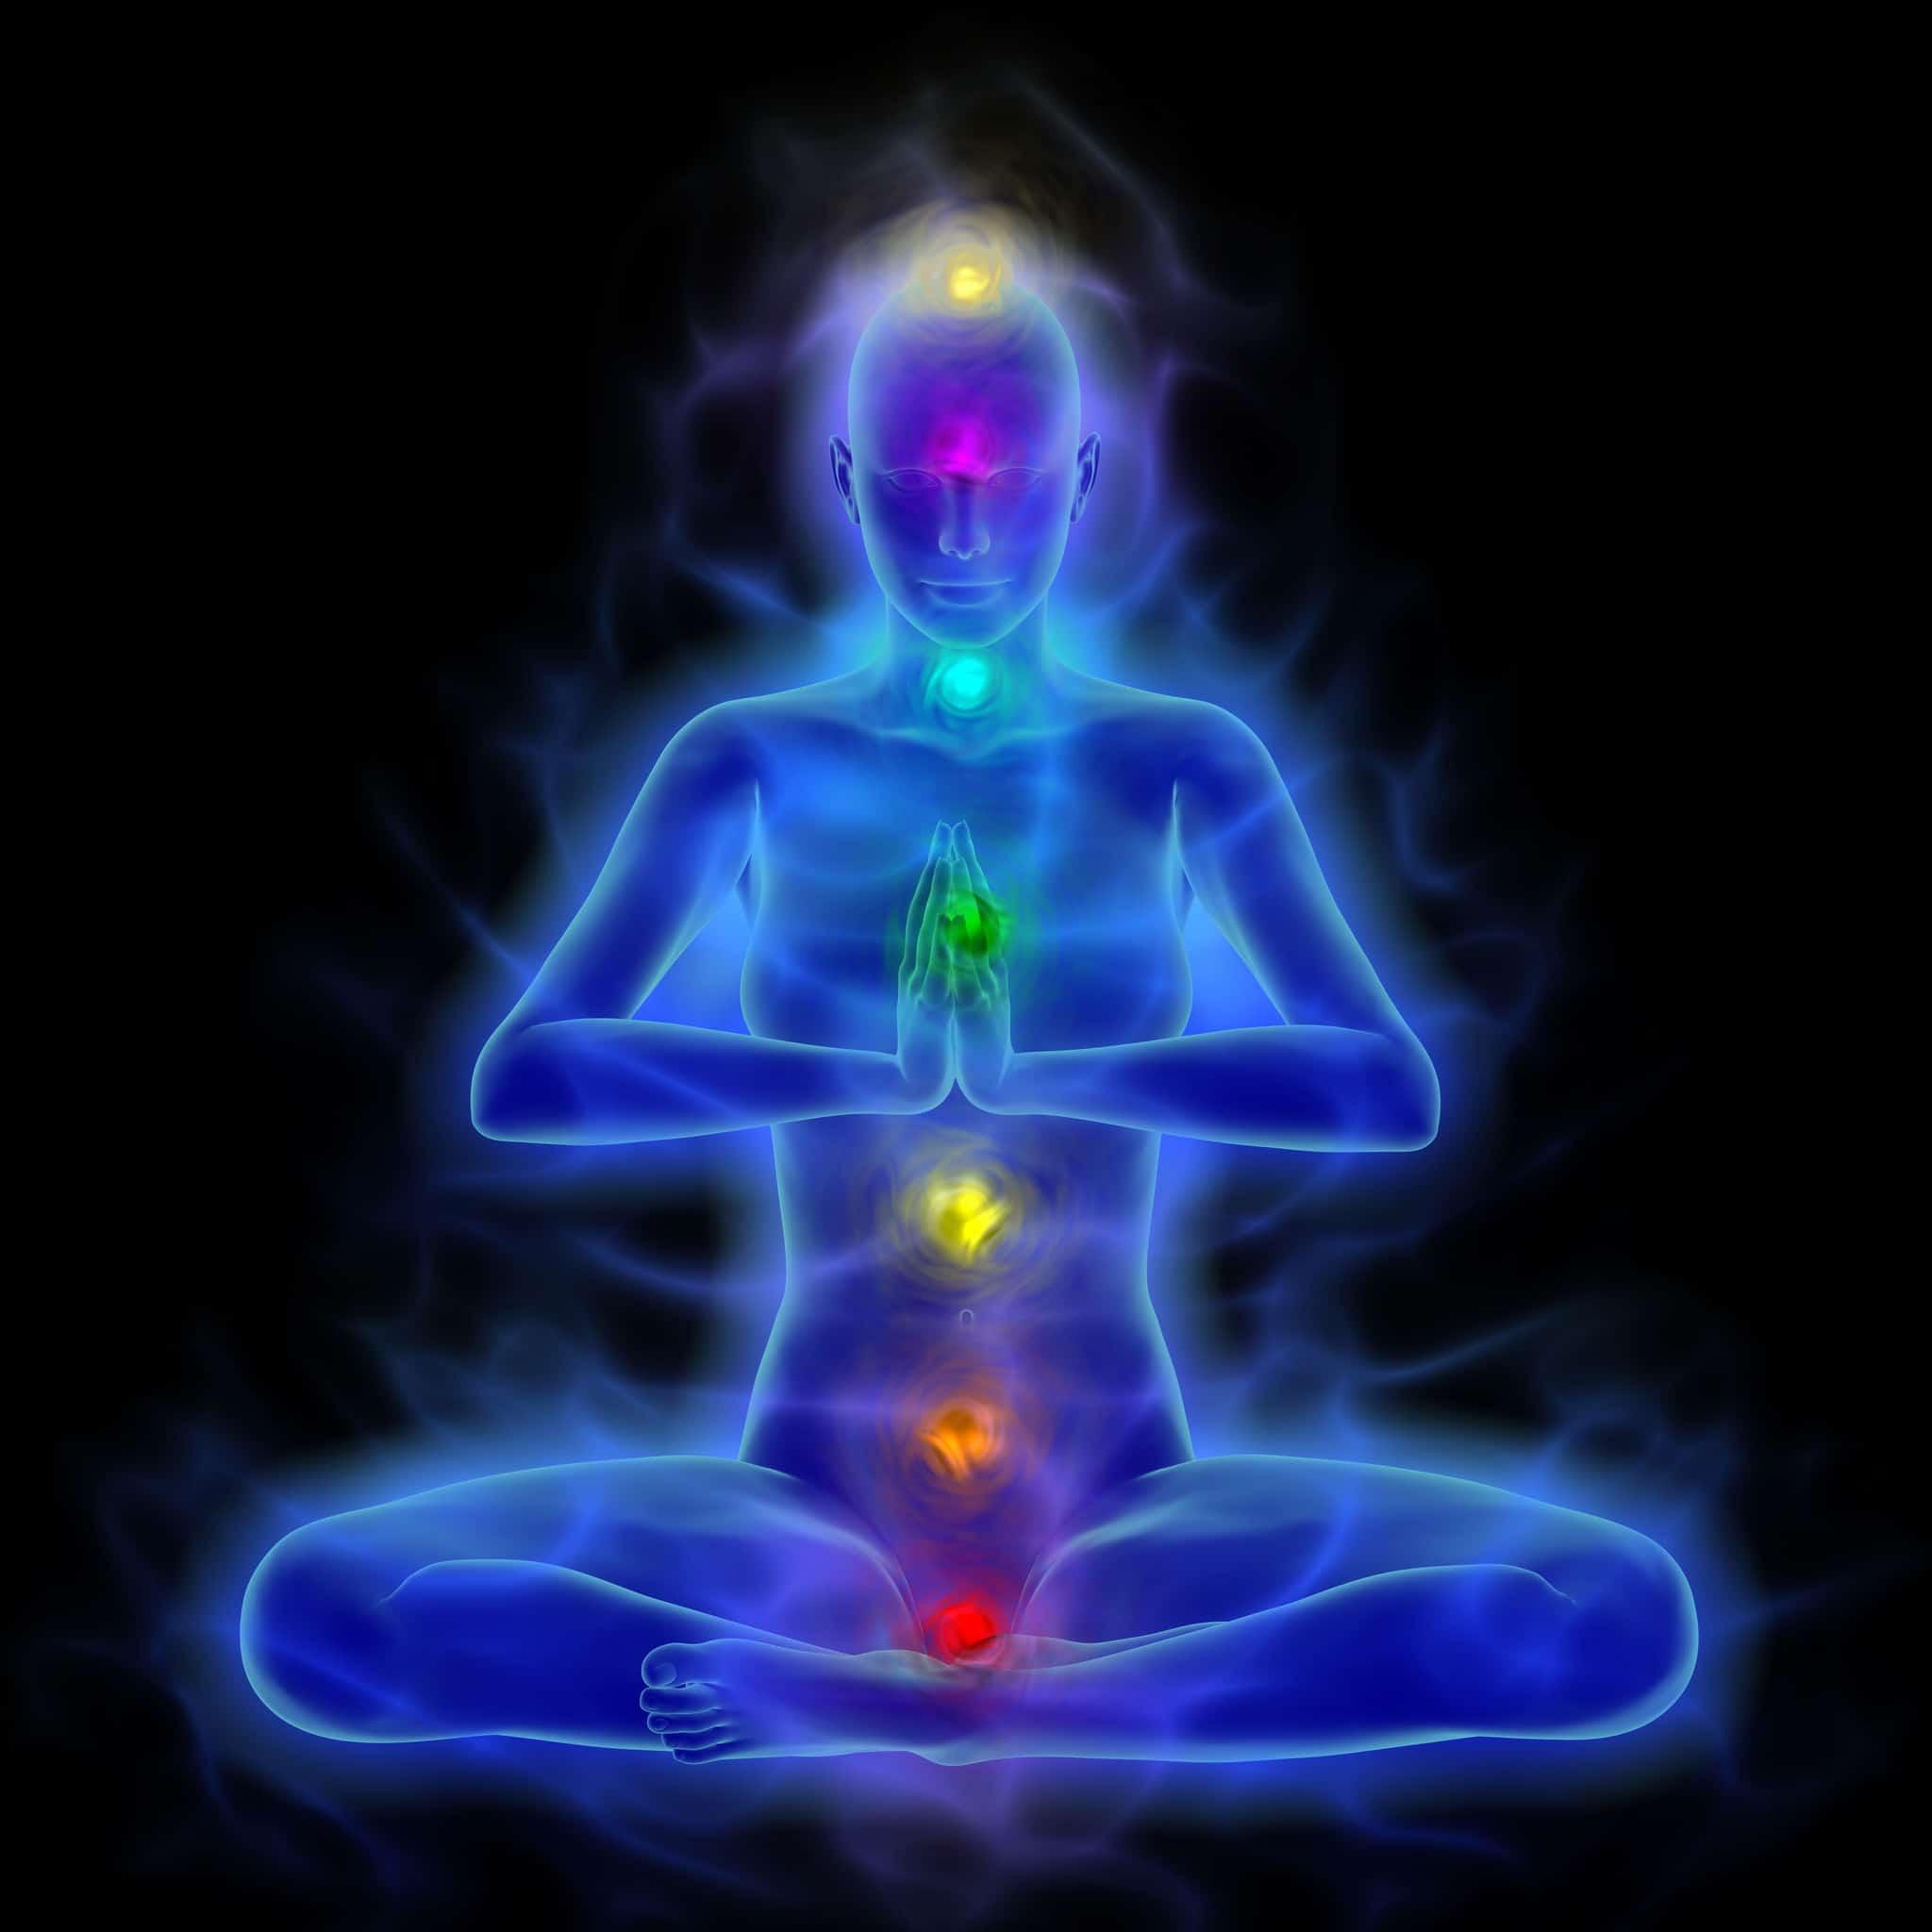 Ilustração da silhueta humana do corpo da energia com aura e chakras na meditação.